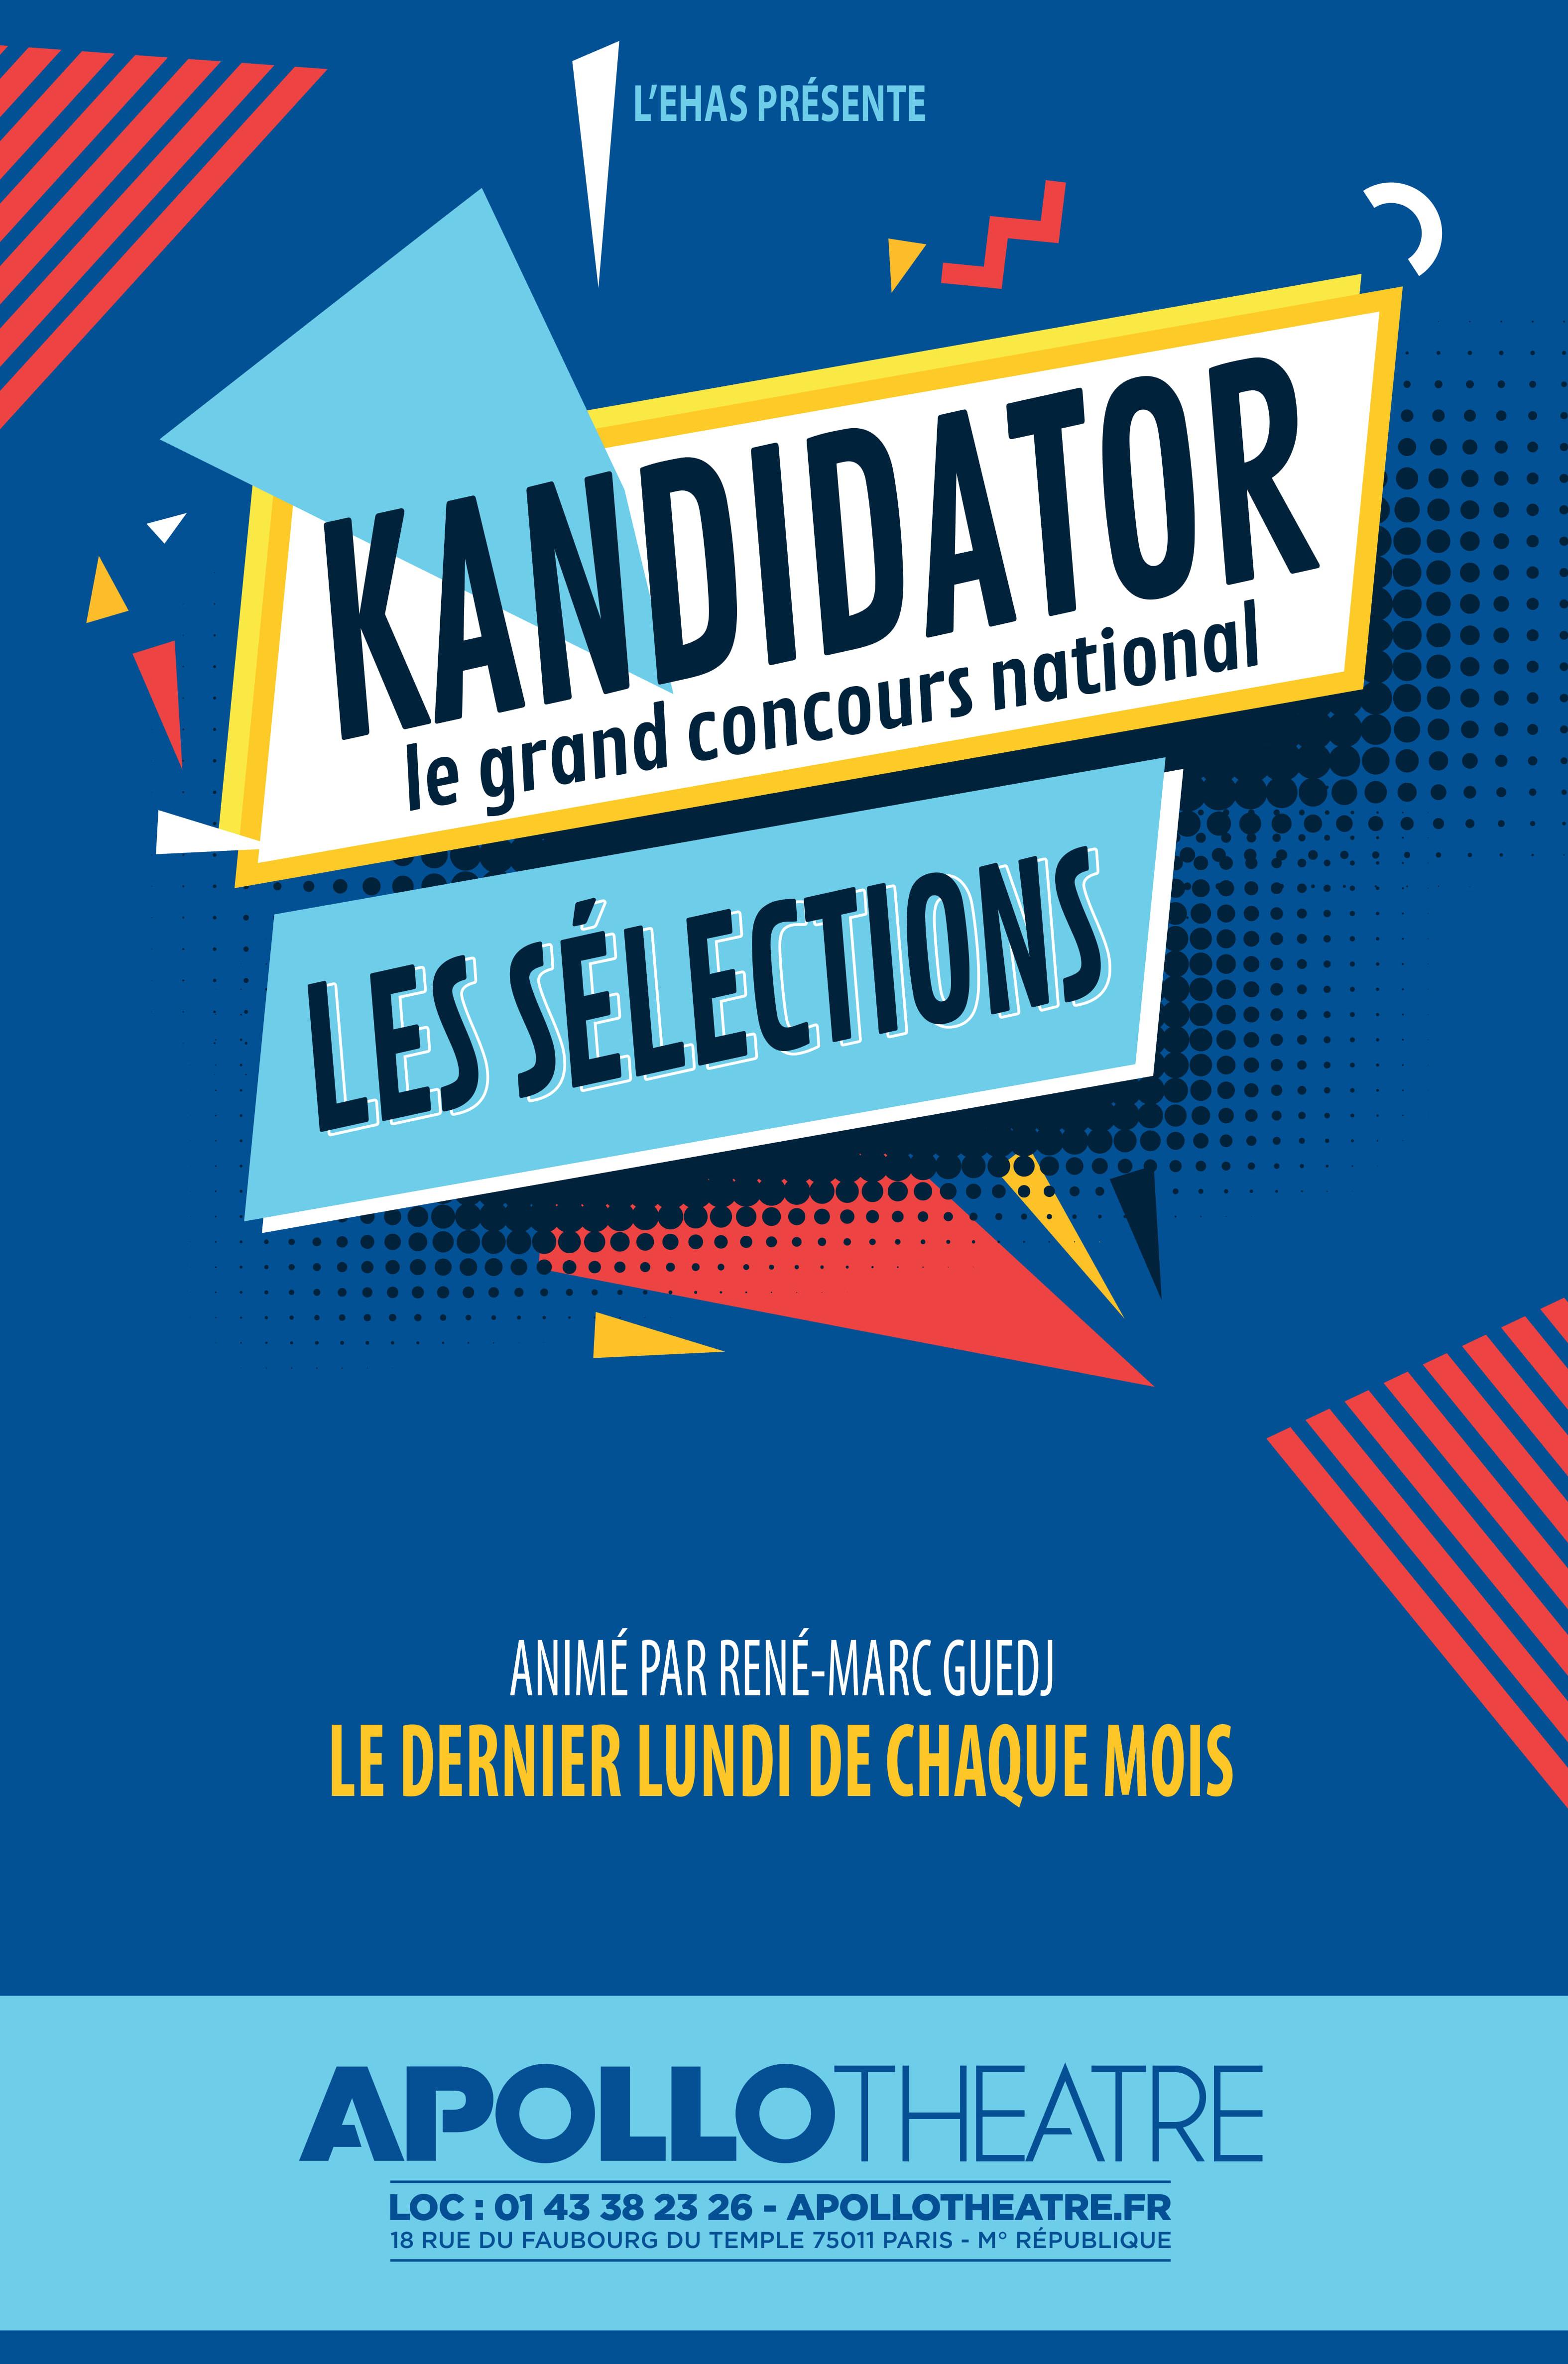 Grand Concours National - Talents 2020, le 27 Janvier - Apollo Théâtre